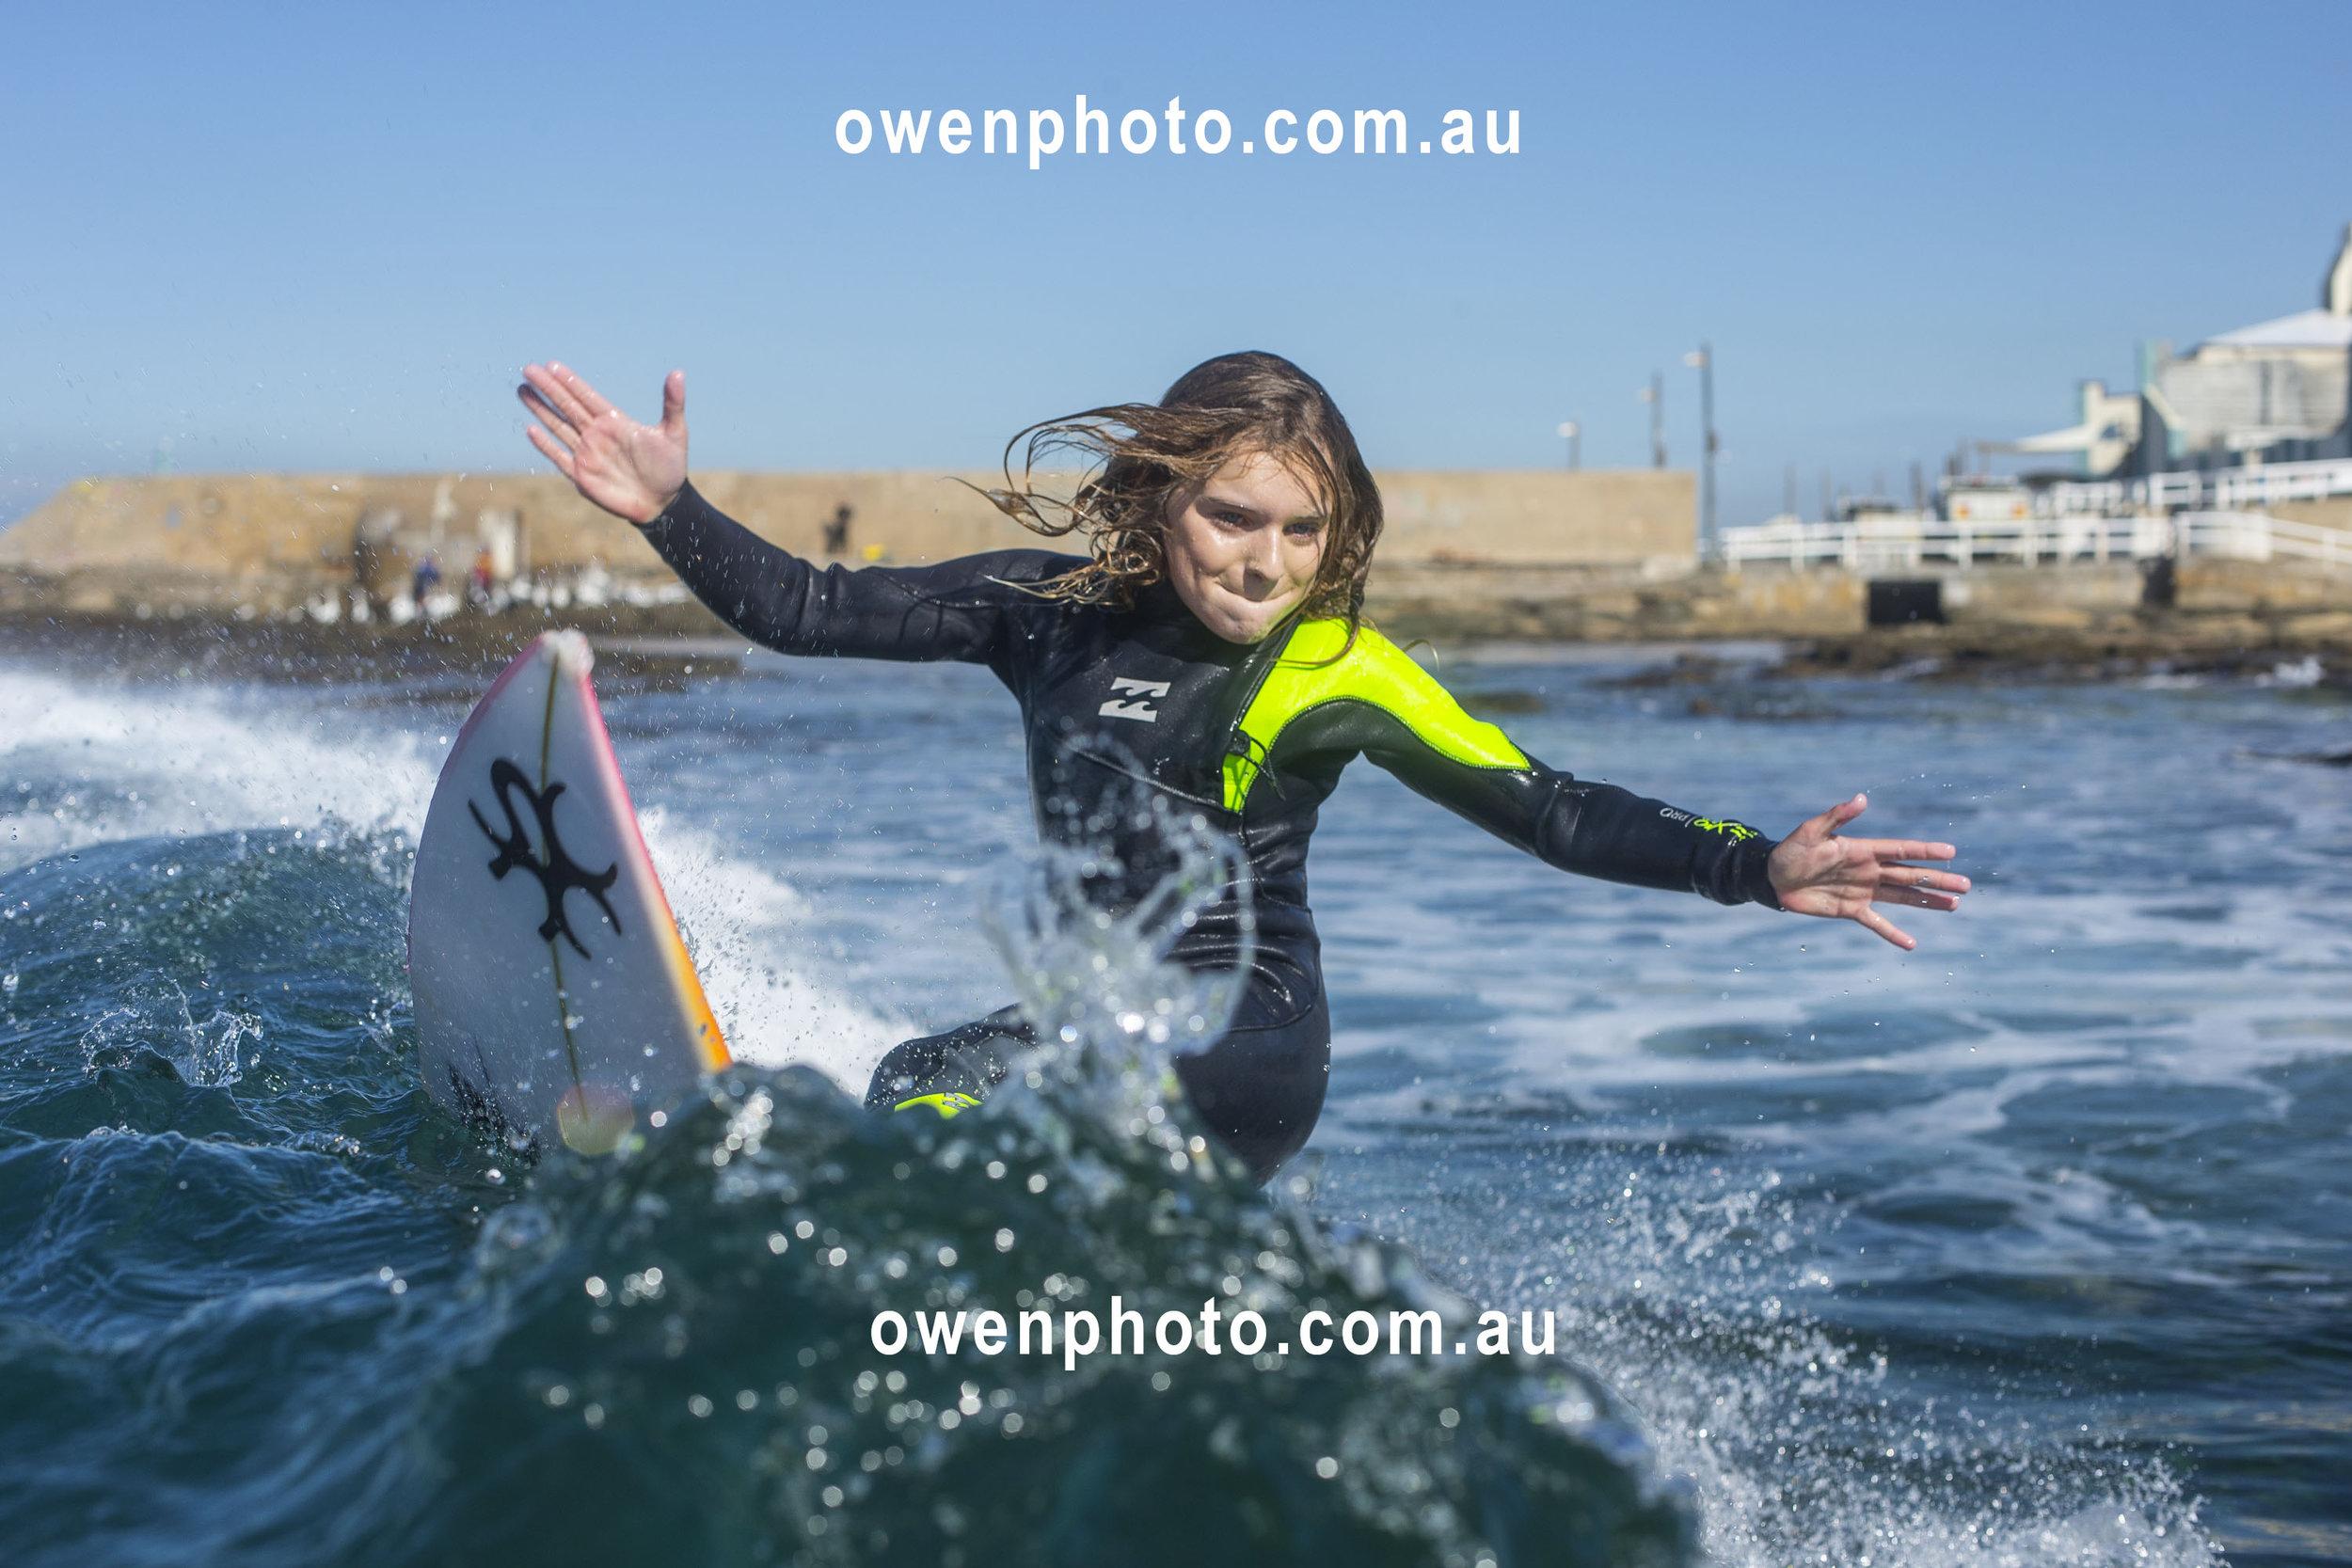 Sabre Norris surfing, Ellen Show, - owenphoto.com.au